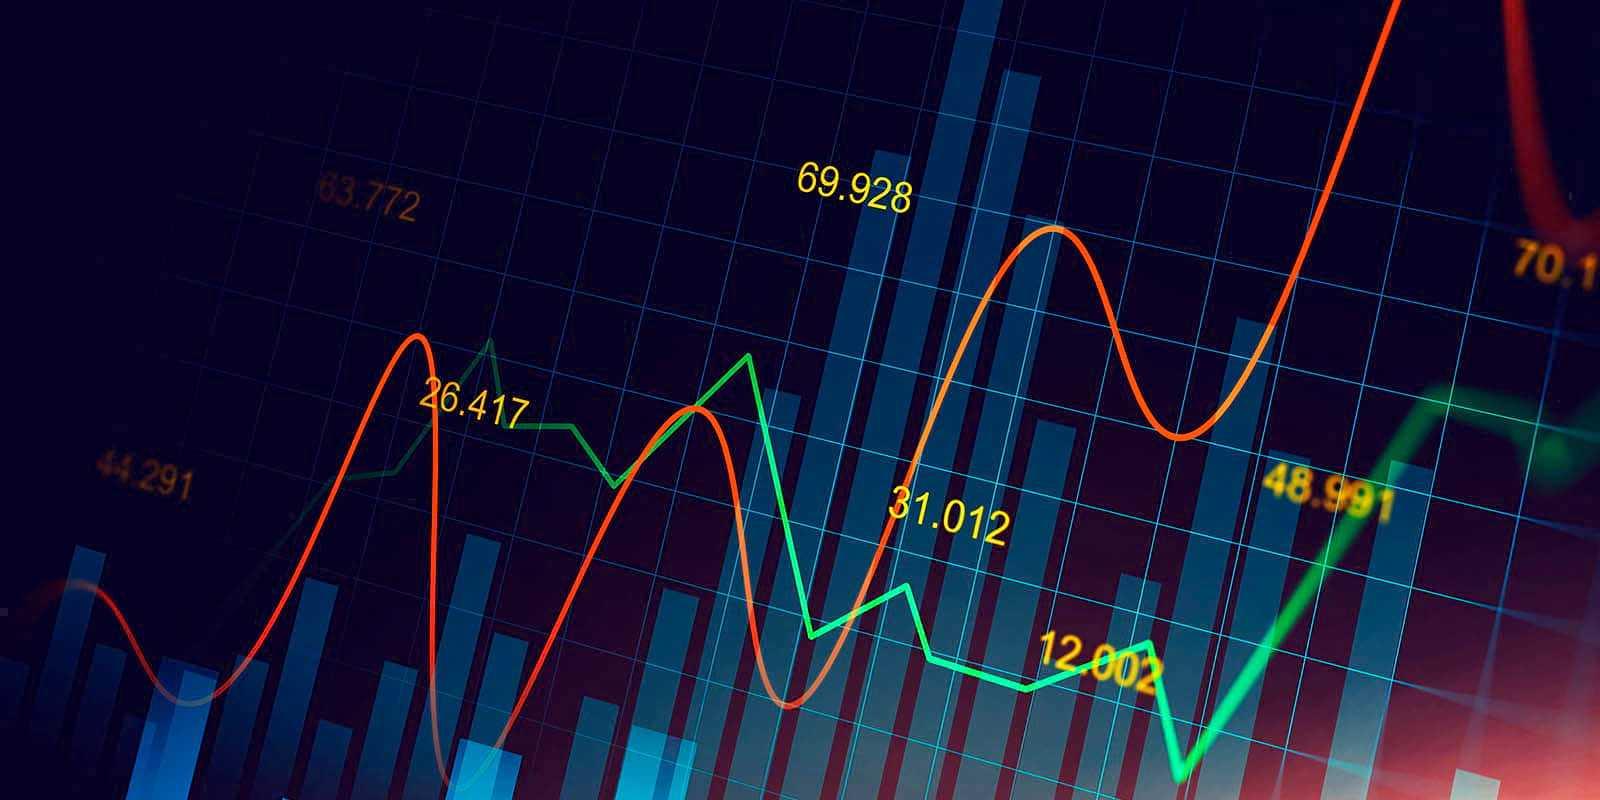 Deniz Yatırım 22 Mart hisse senetleri yorumları